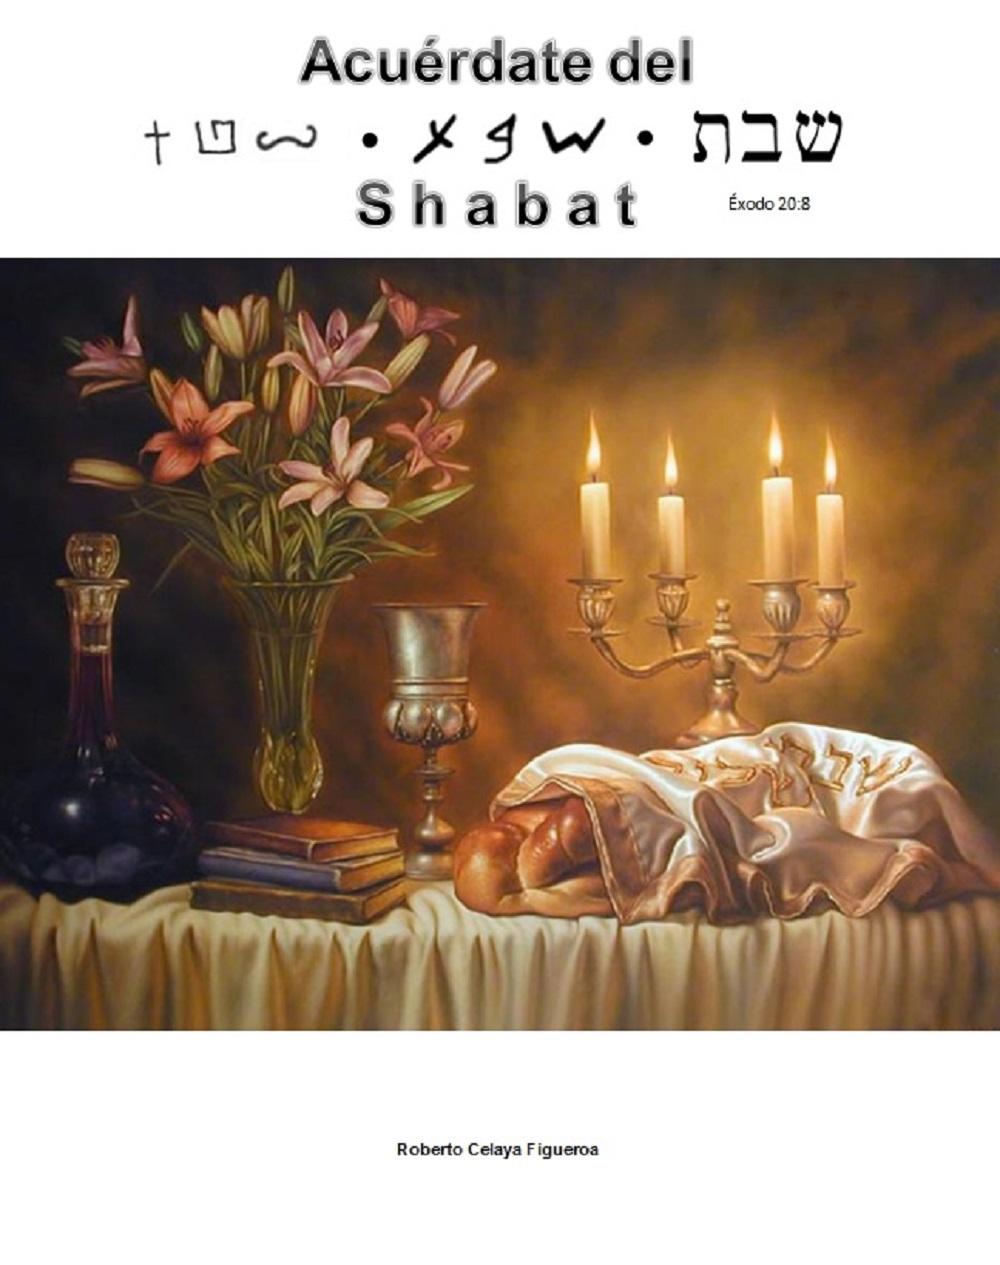 Acuerdate del Shabat